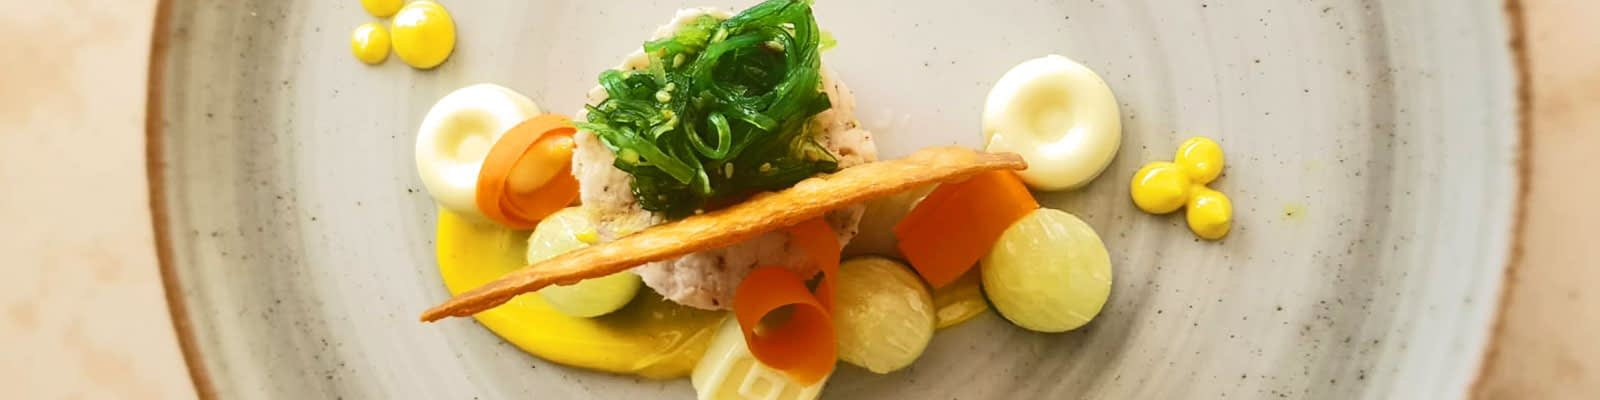 restaurant-the-beach-bonaire_slider-image-2